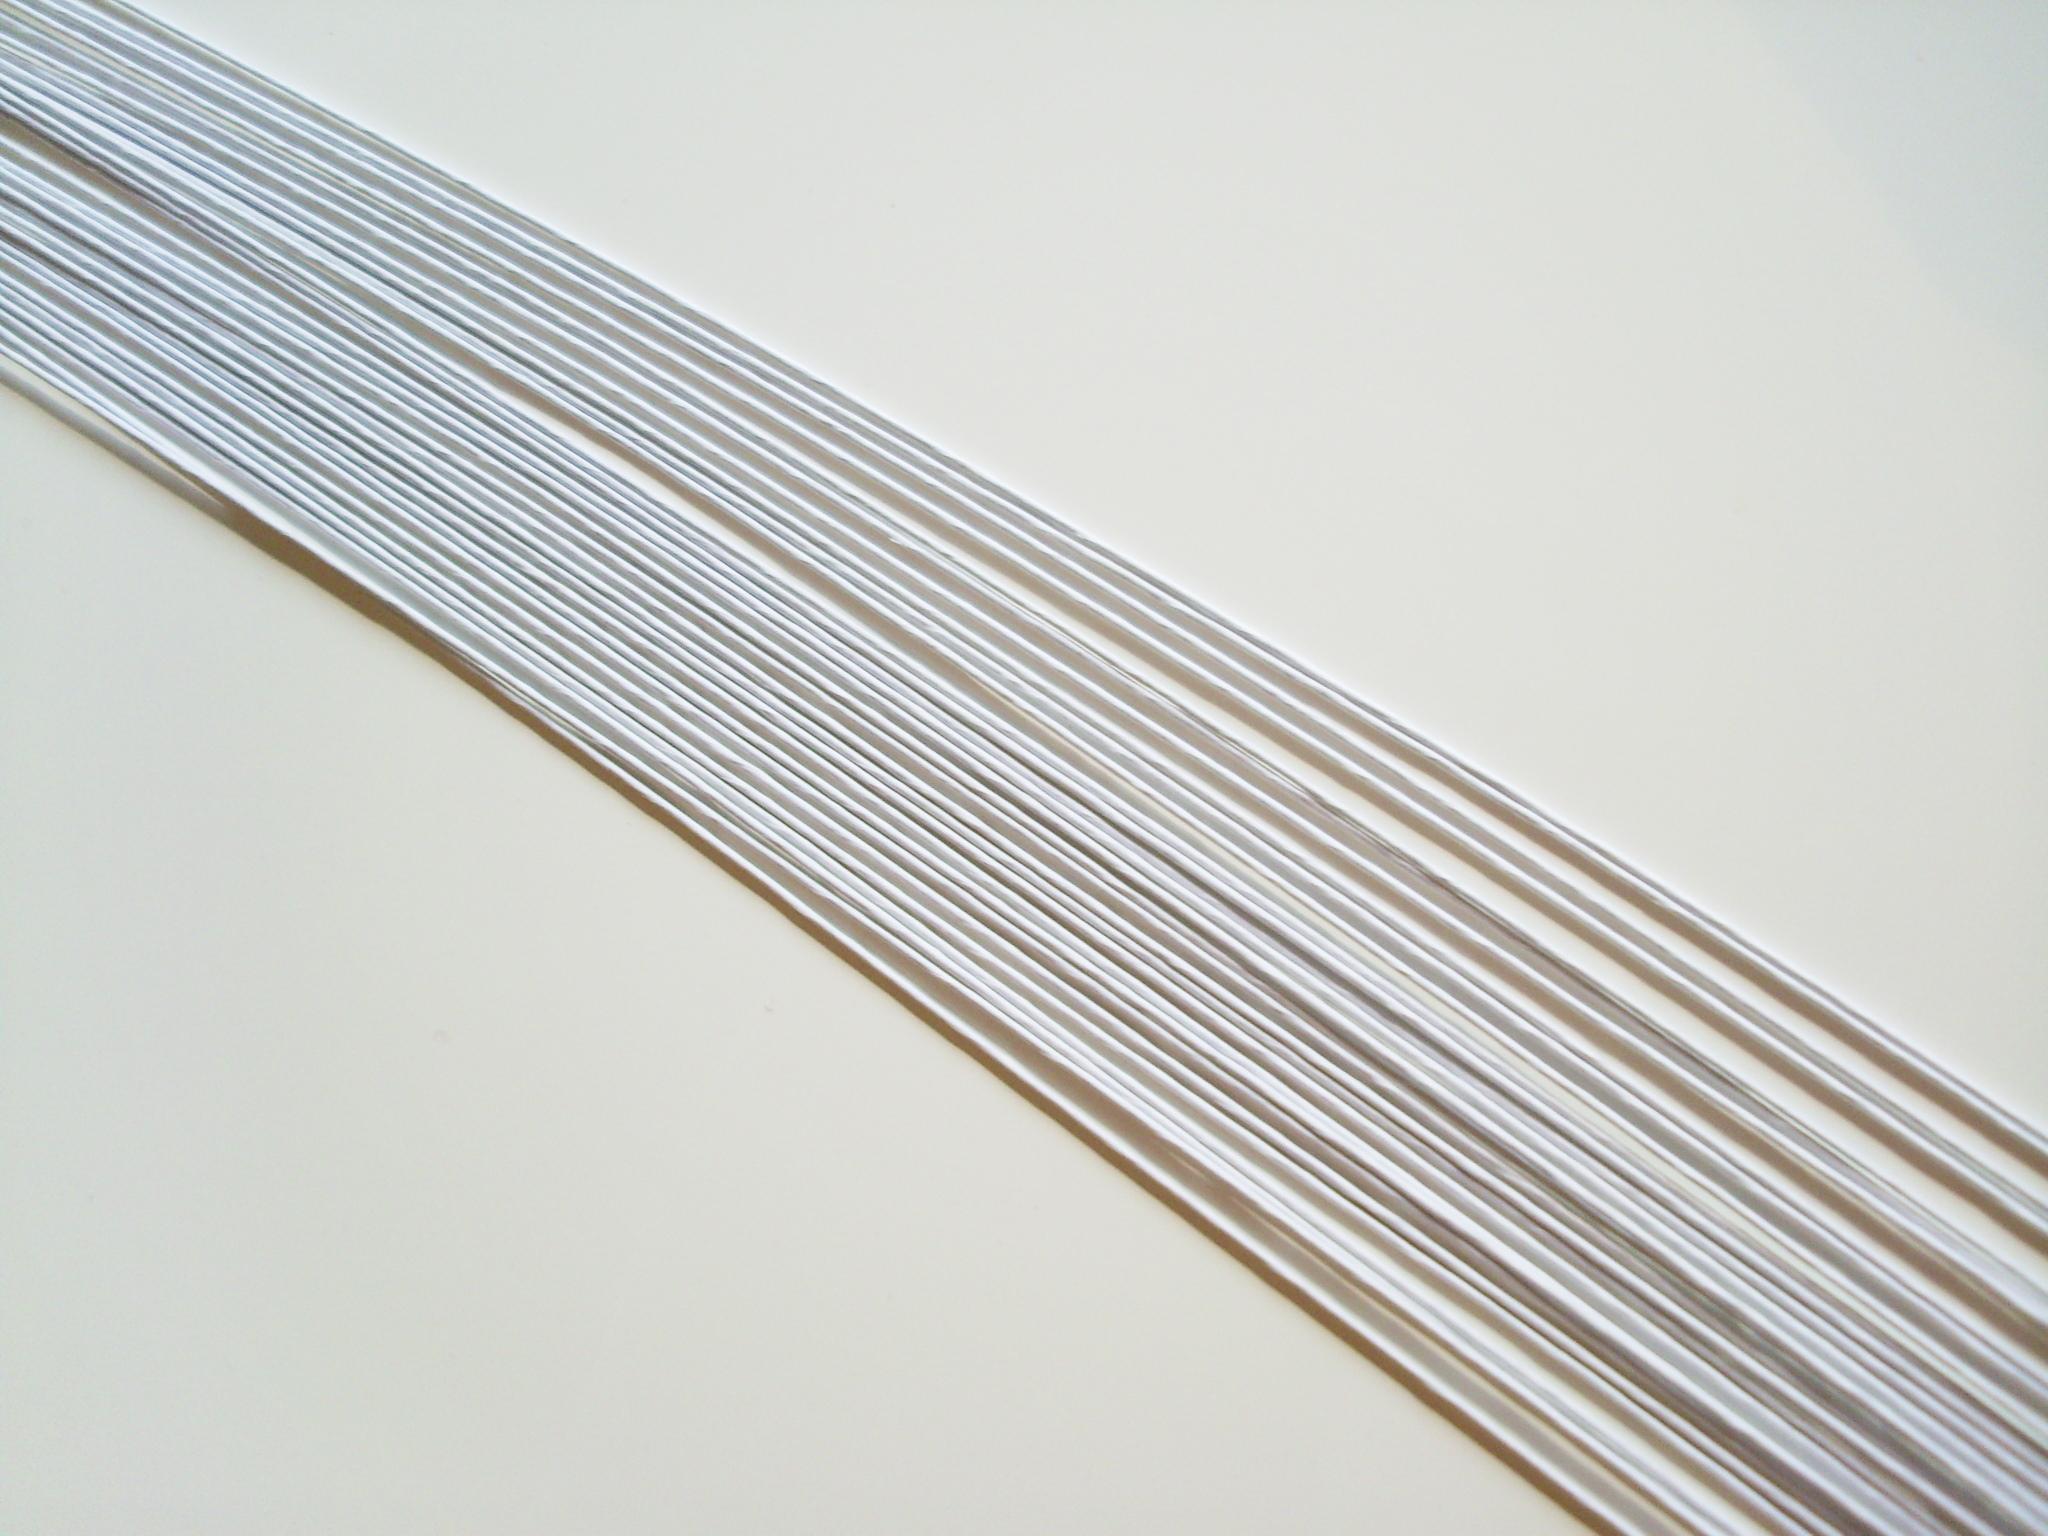 Blumendraht 22 gauge Weiß